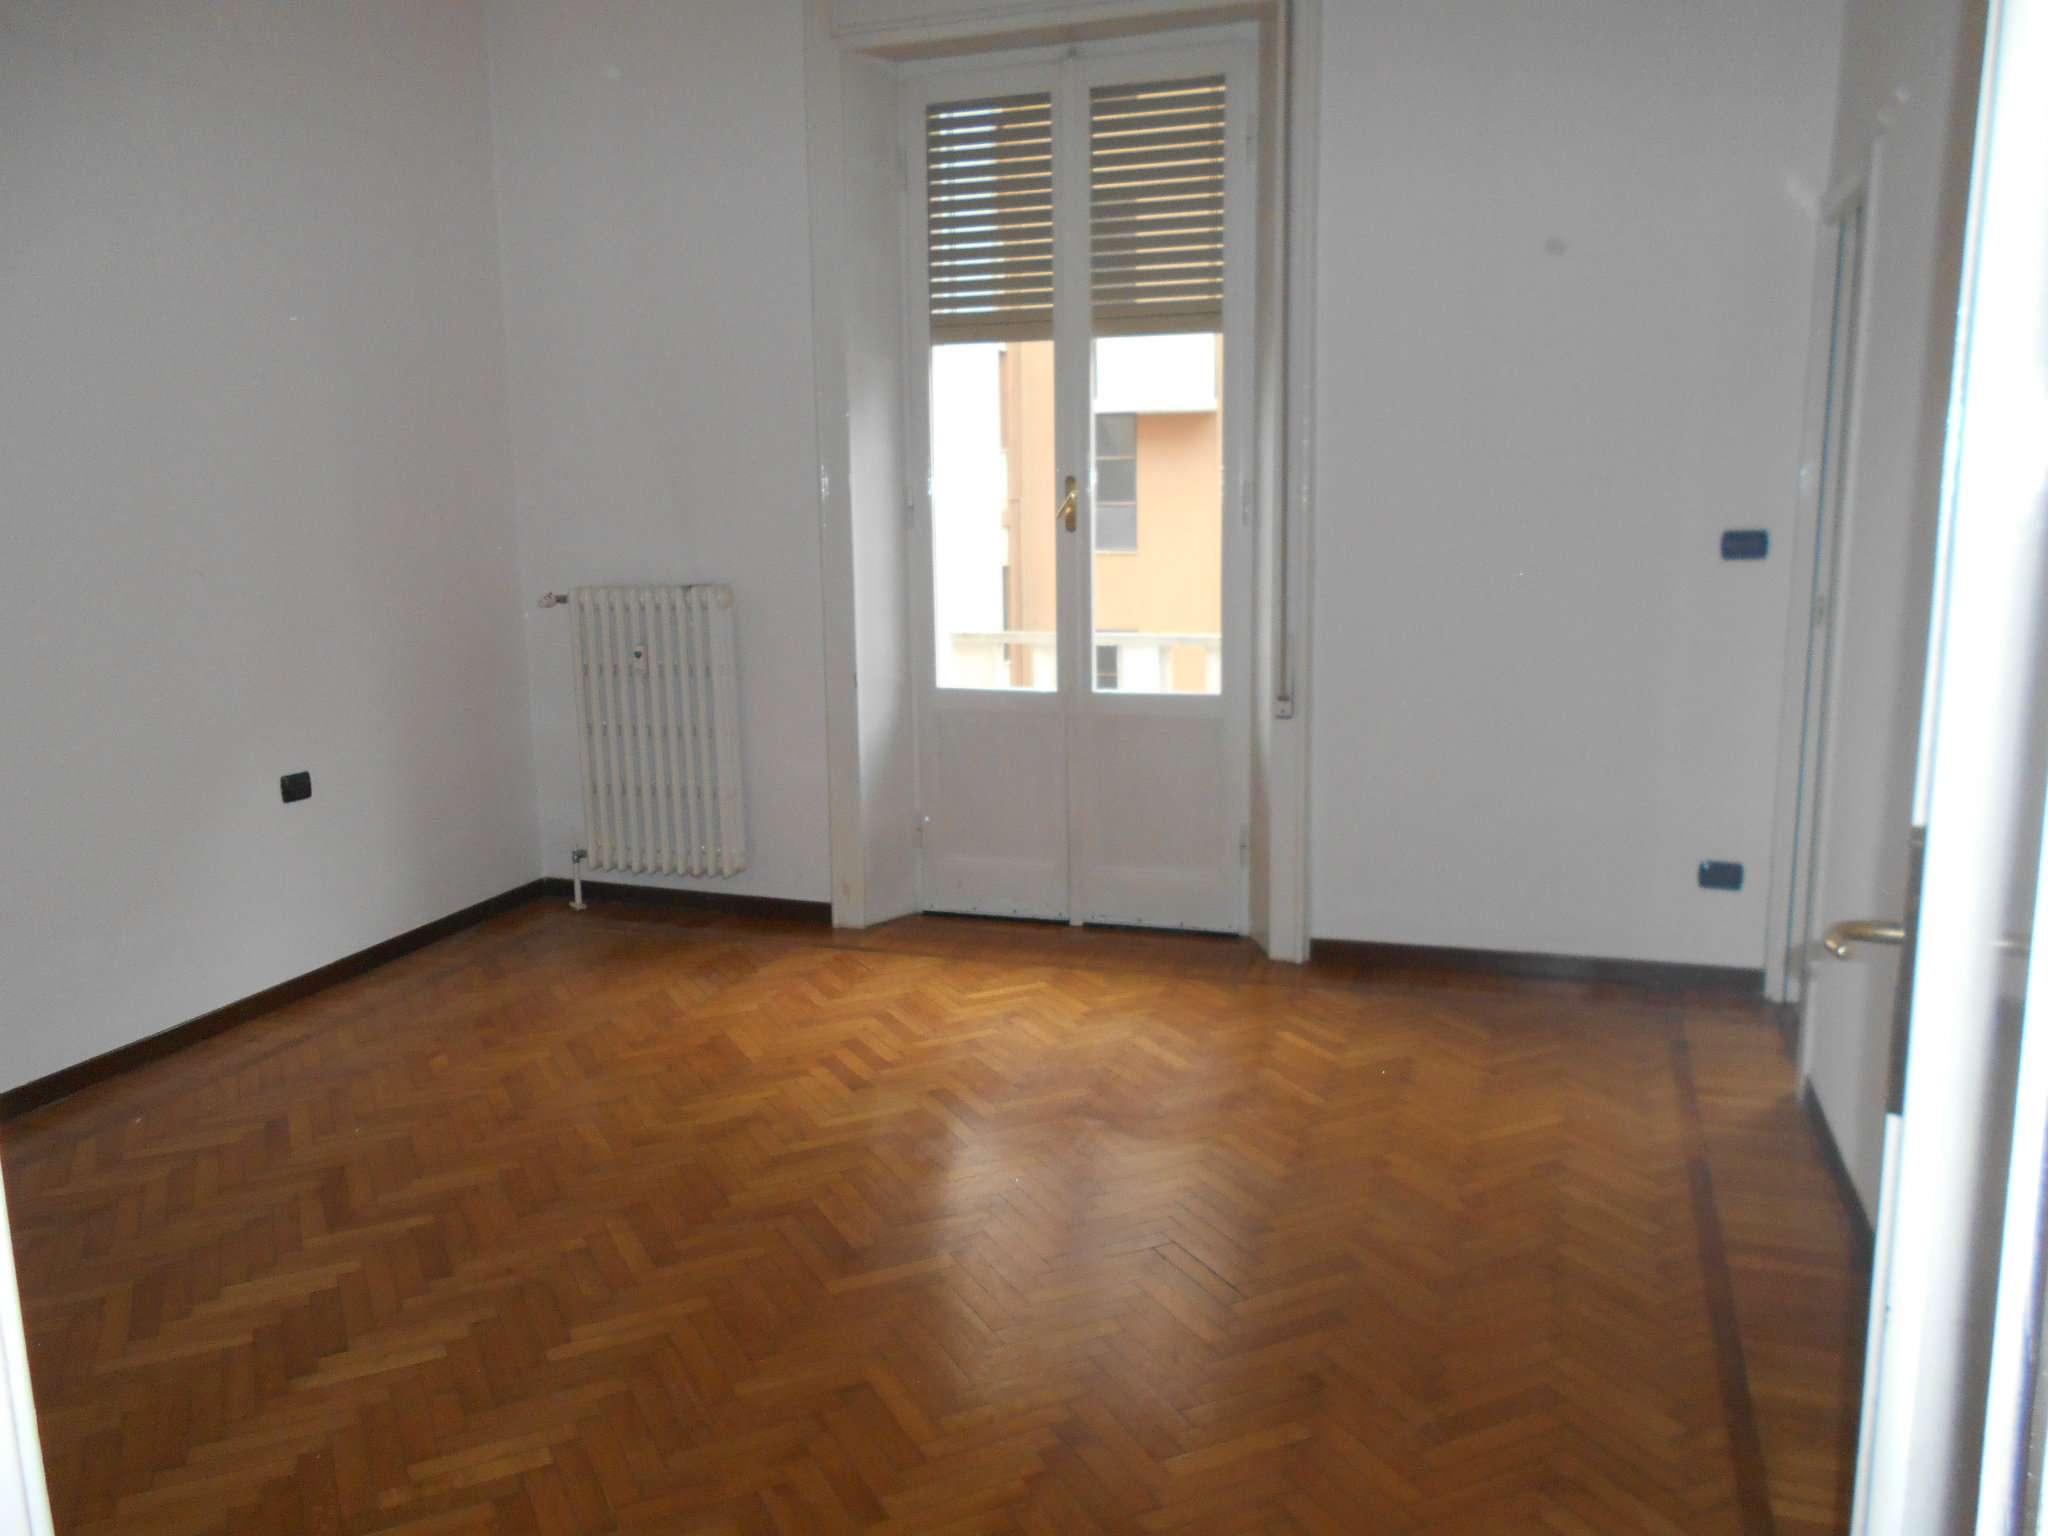 Appartamento in affitto a Pavia, 4 locali, prezzo € 950 | Cambio Casa.it